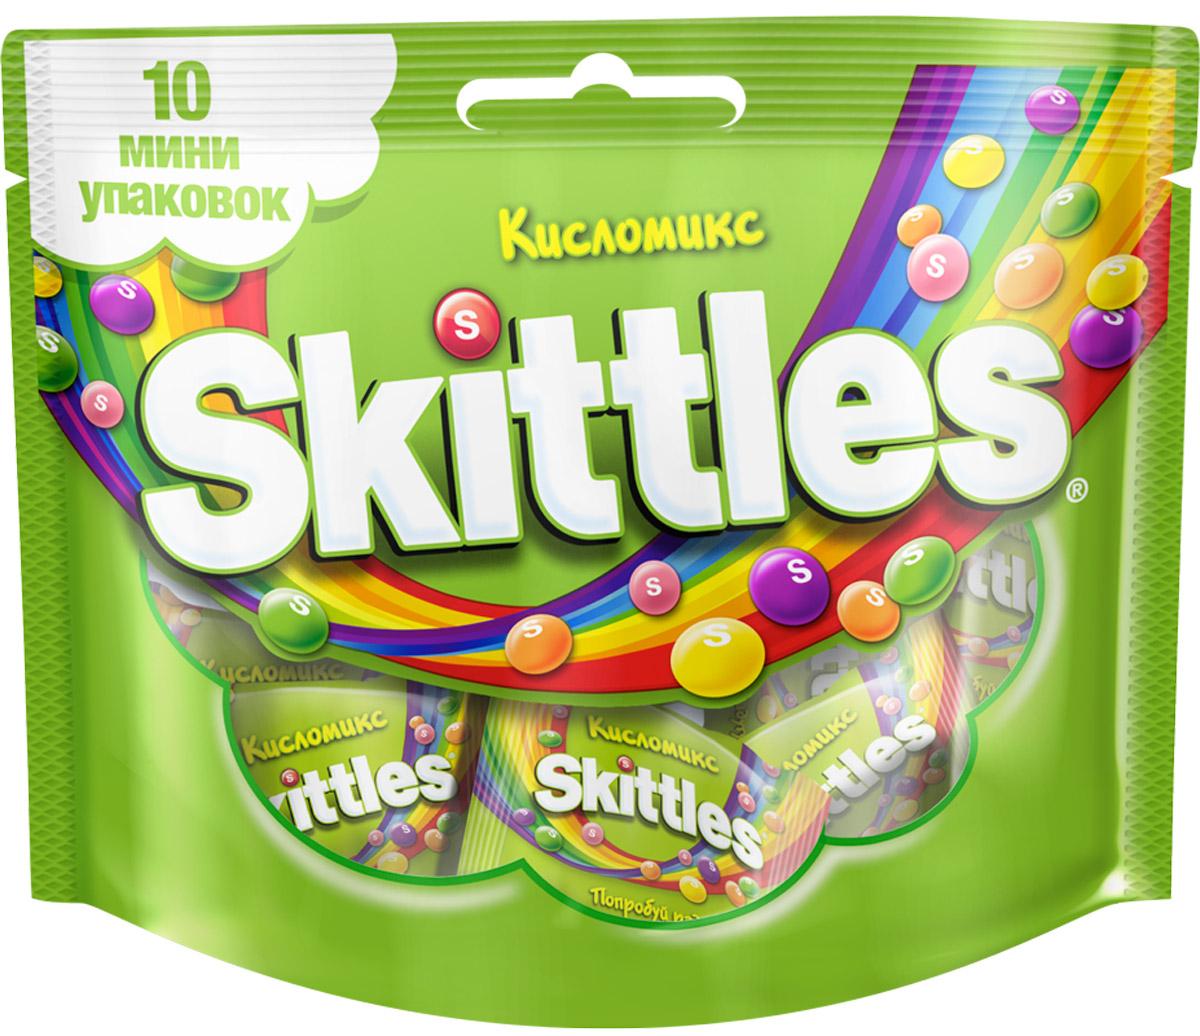 Skittles Кисломикс драже в сахарной глазури, 10 пачек по 12 г0120710Драже Skittles c разноцветной глазурью предлагают радугу кислых фруктовых вкусов. В каждой упаковке драже с ароматами малины, ананаса, мандарина, вишни и яблока. Заразитесь радугой, попробуйте радугу!Уважаемые клиенты! Обращаем ваше внимание, что полный перечень состава продукта представлен на дополнительном изображении.